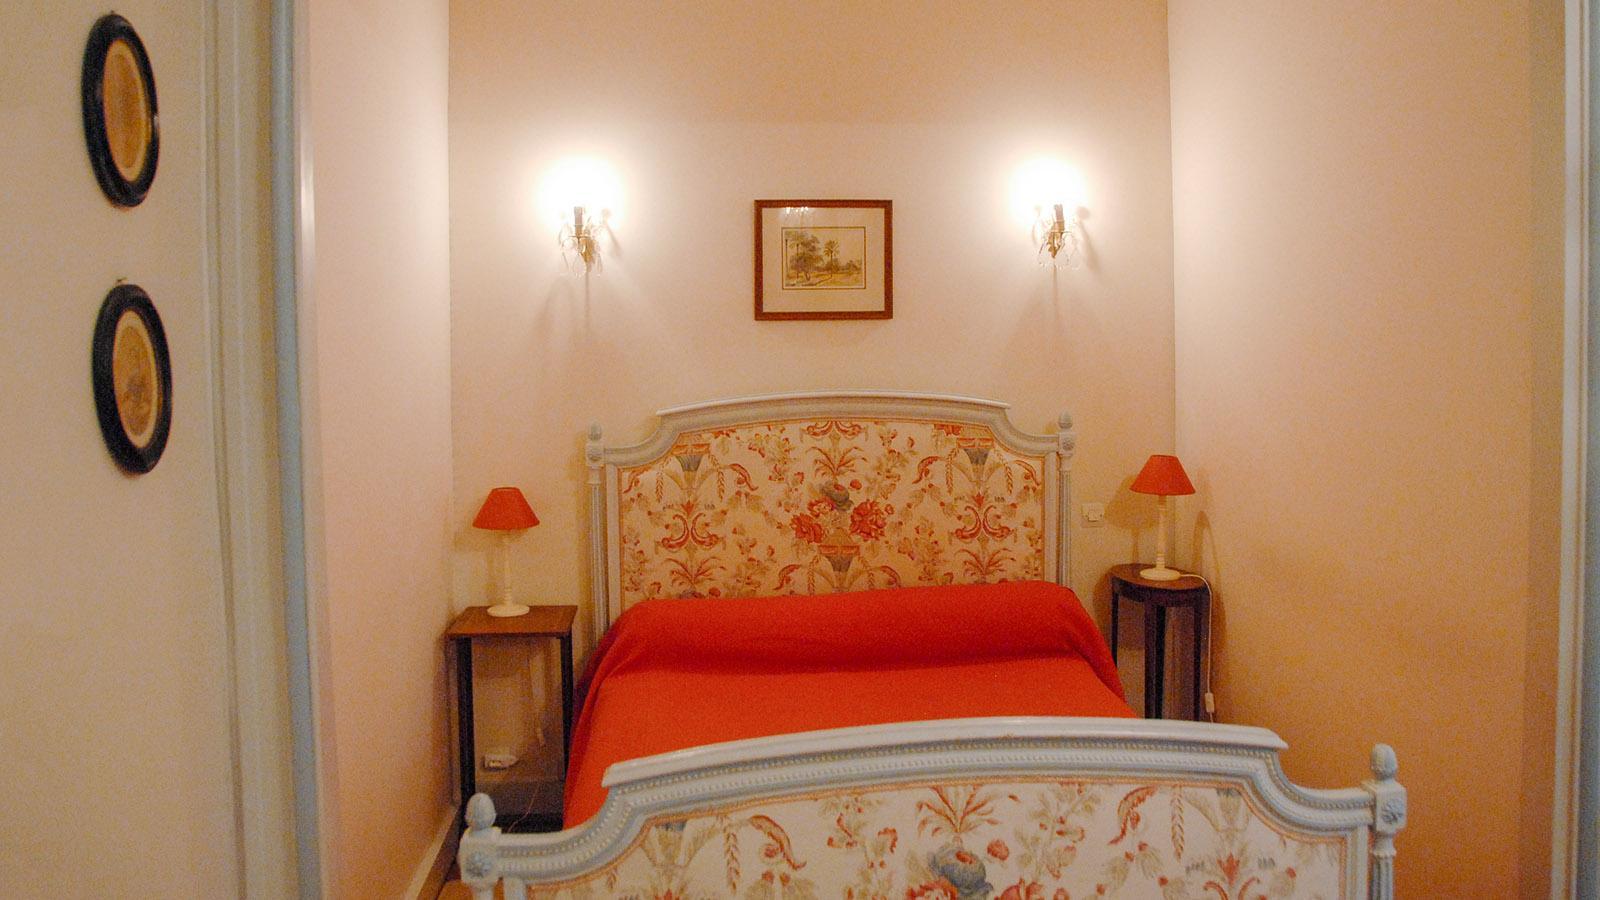 Eines der komfortabel-nostalgischen Stilzimmer im Château de Sarzeaux. Foto: Hilke Maunder